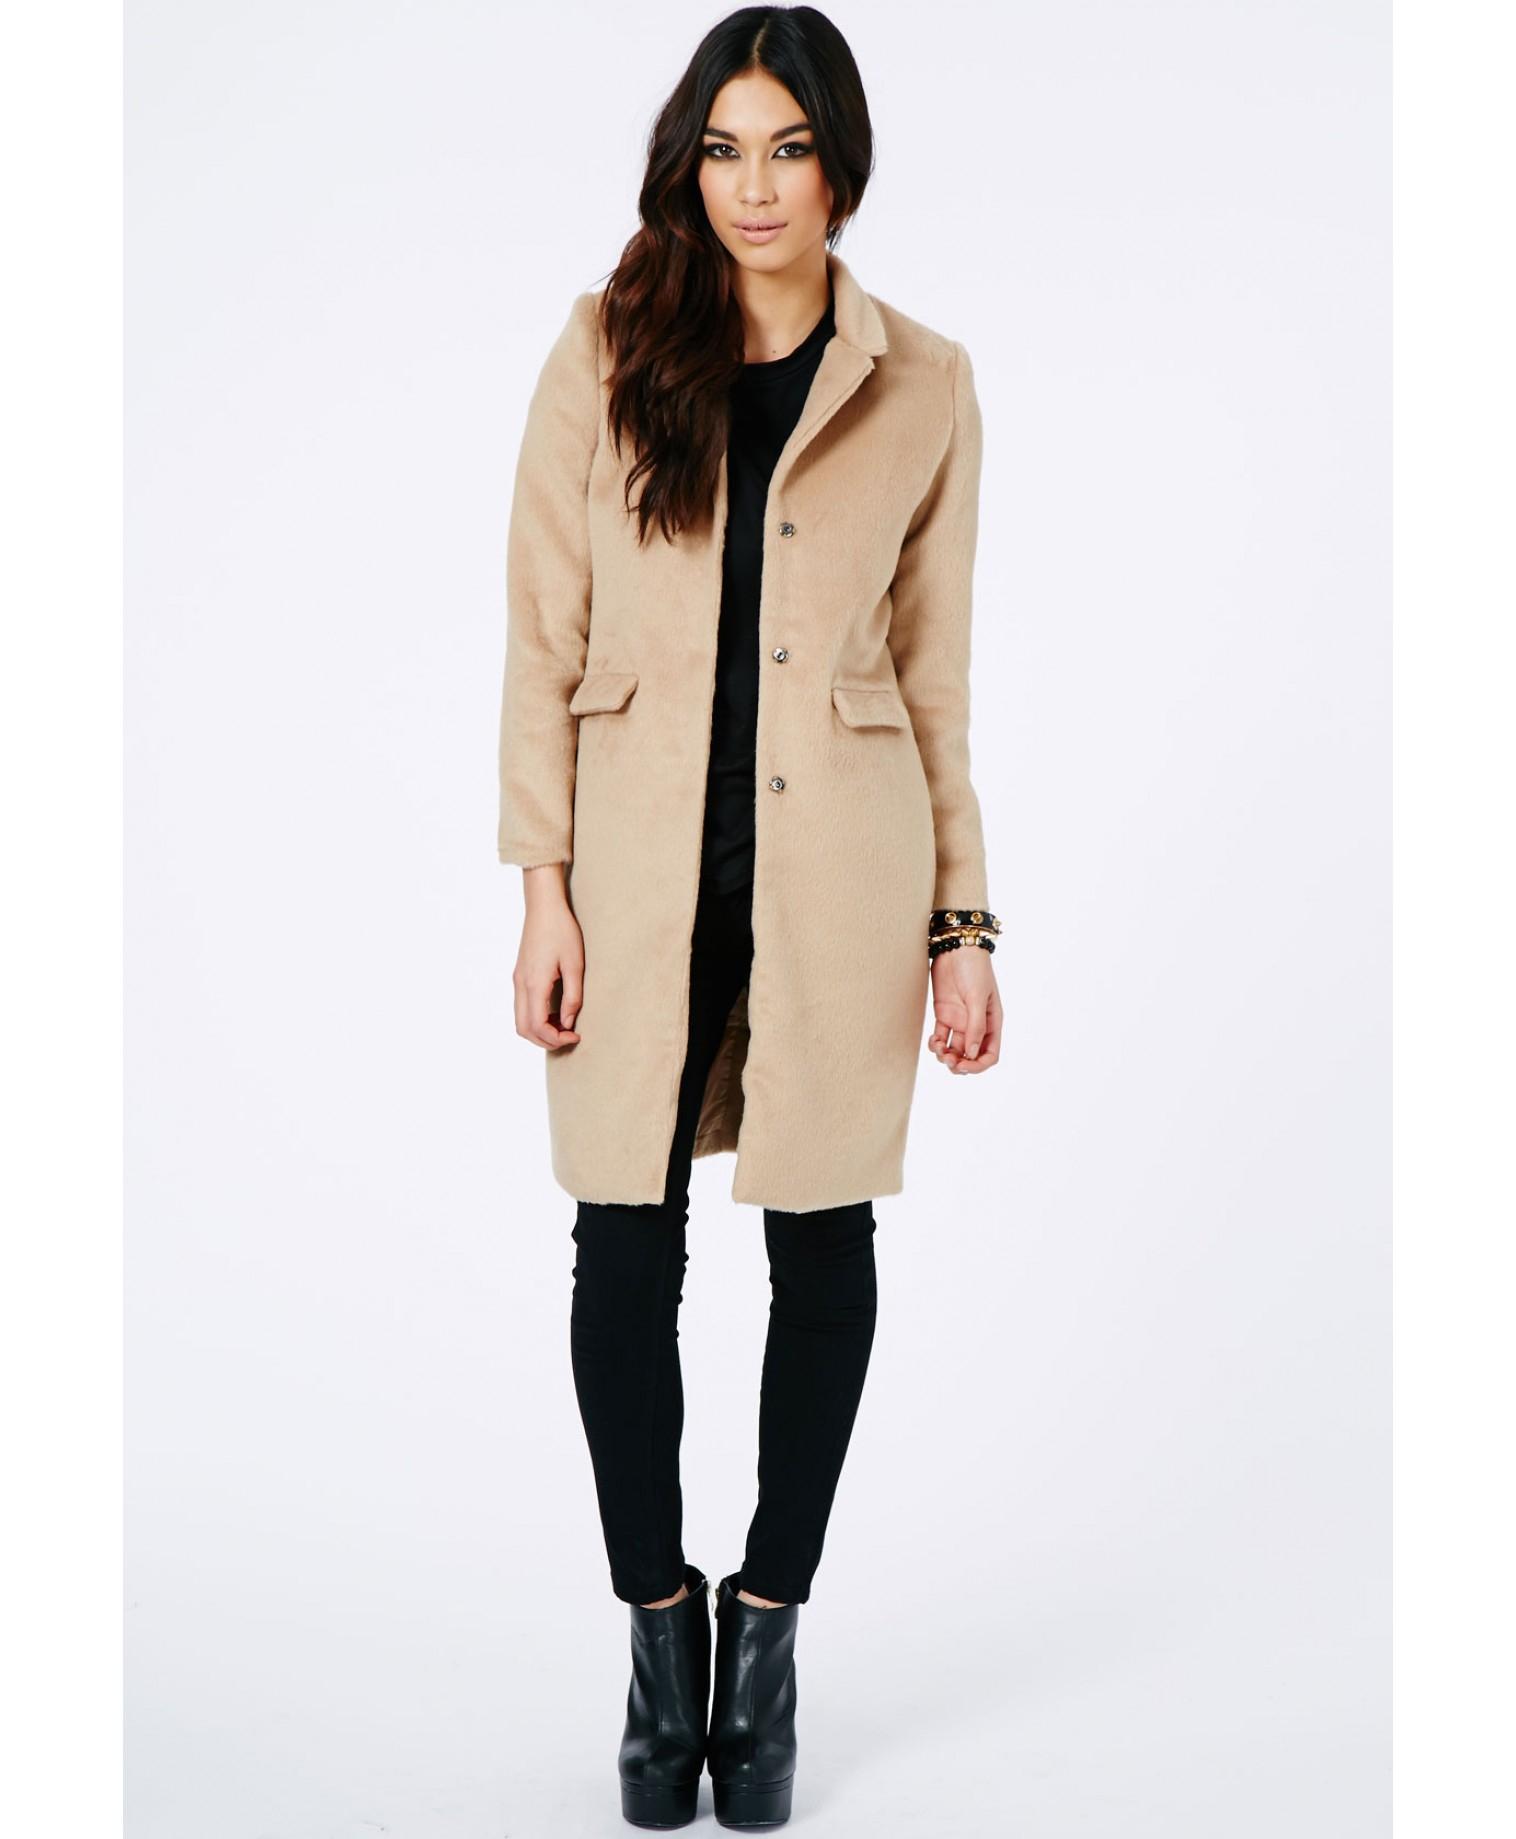 missguided hether textured tailored boyfriend coat in camel in #1: missguided beige hether textured tailored boyfriend coat in camel product 1 4 normal